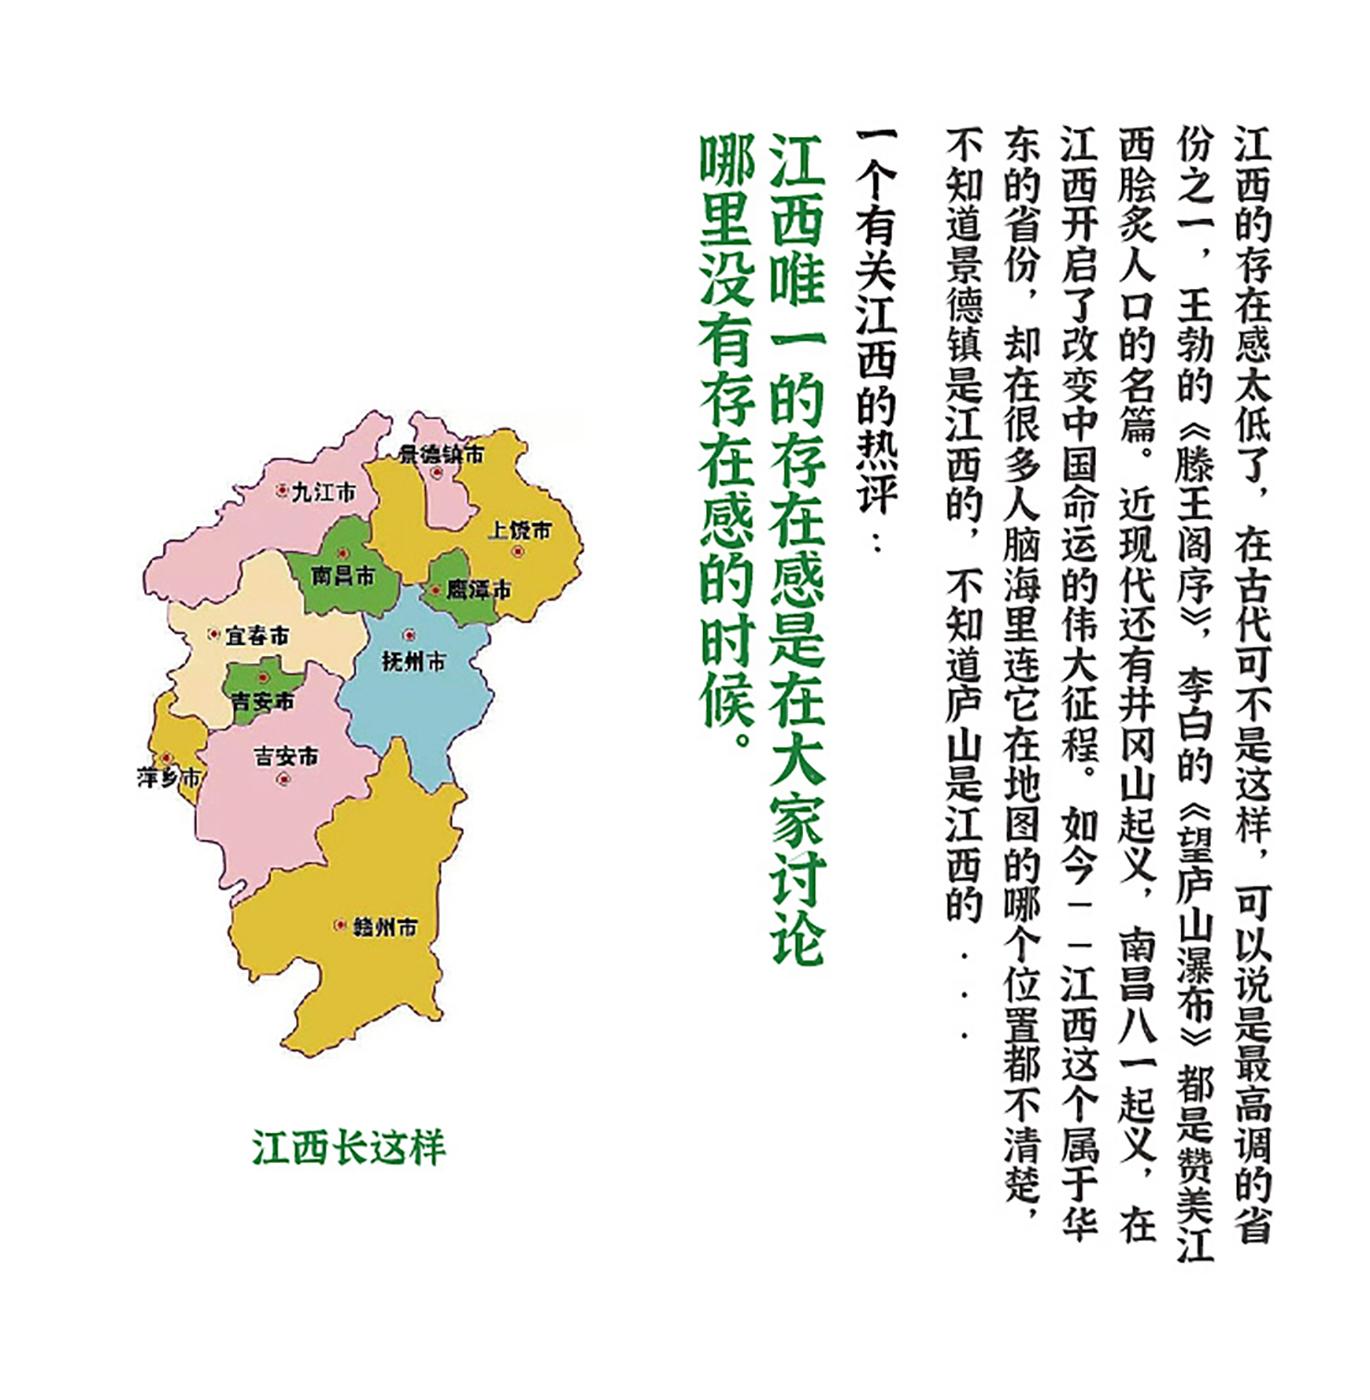 黄煜臣江西拙楷体免费商用附下载方式-深圳VI设计2